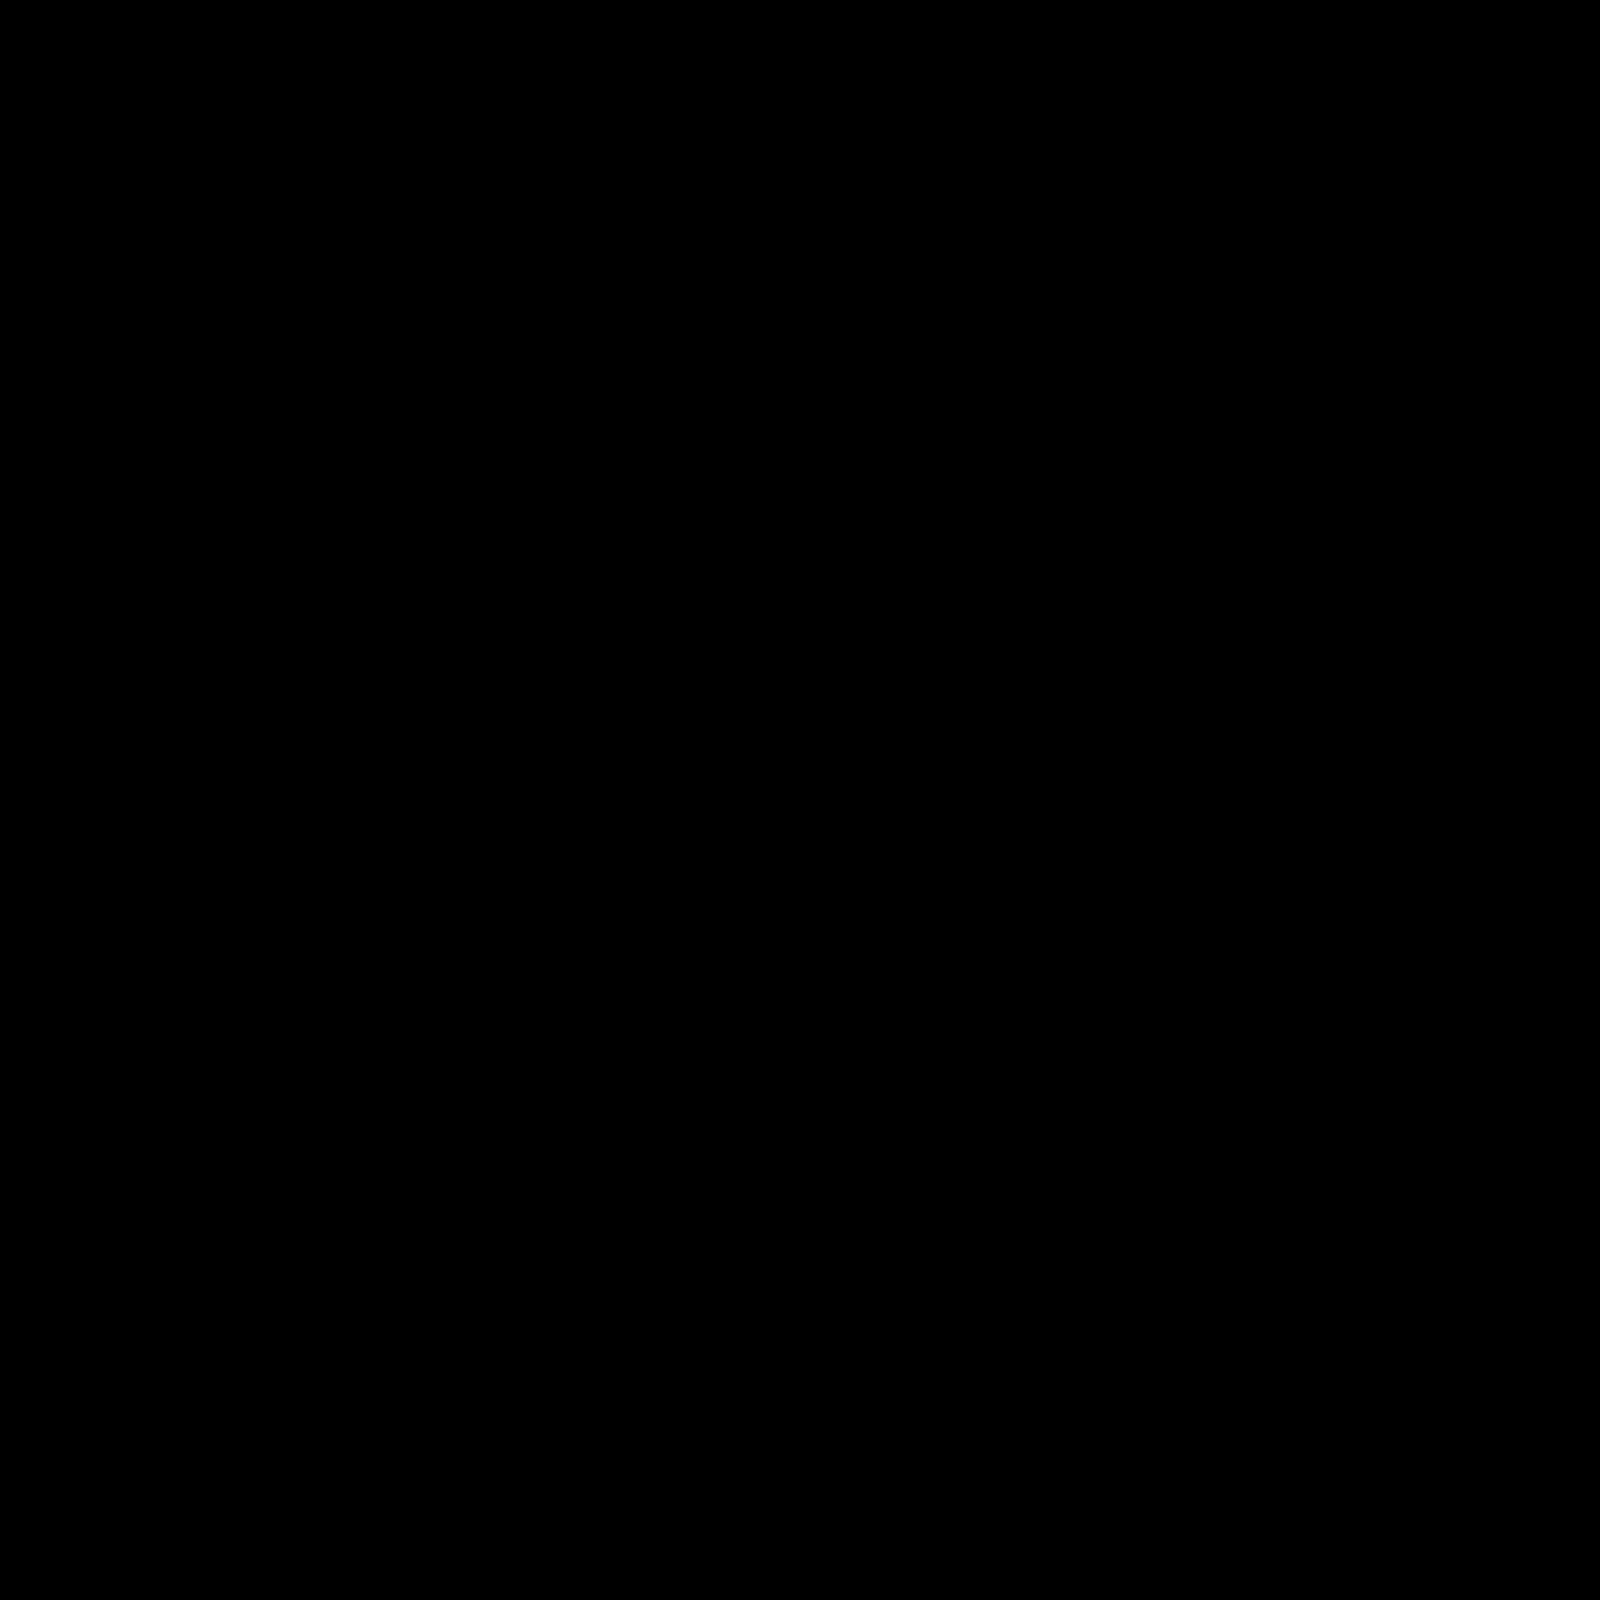 Podziel transakcję icon